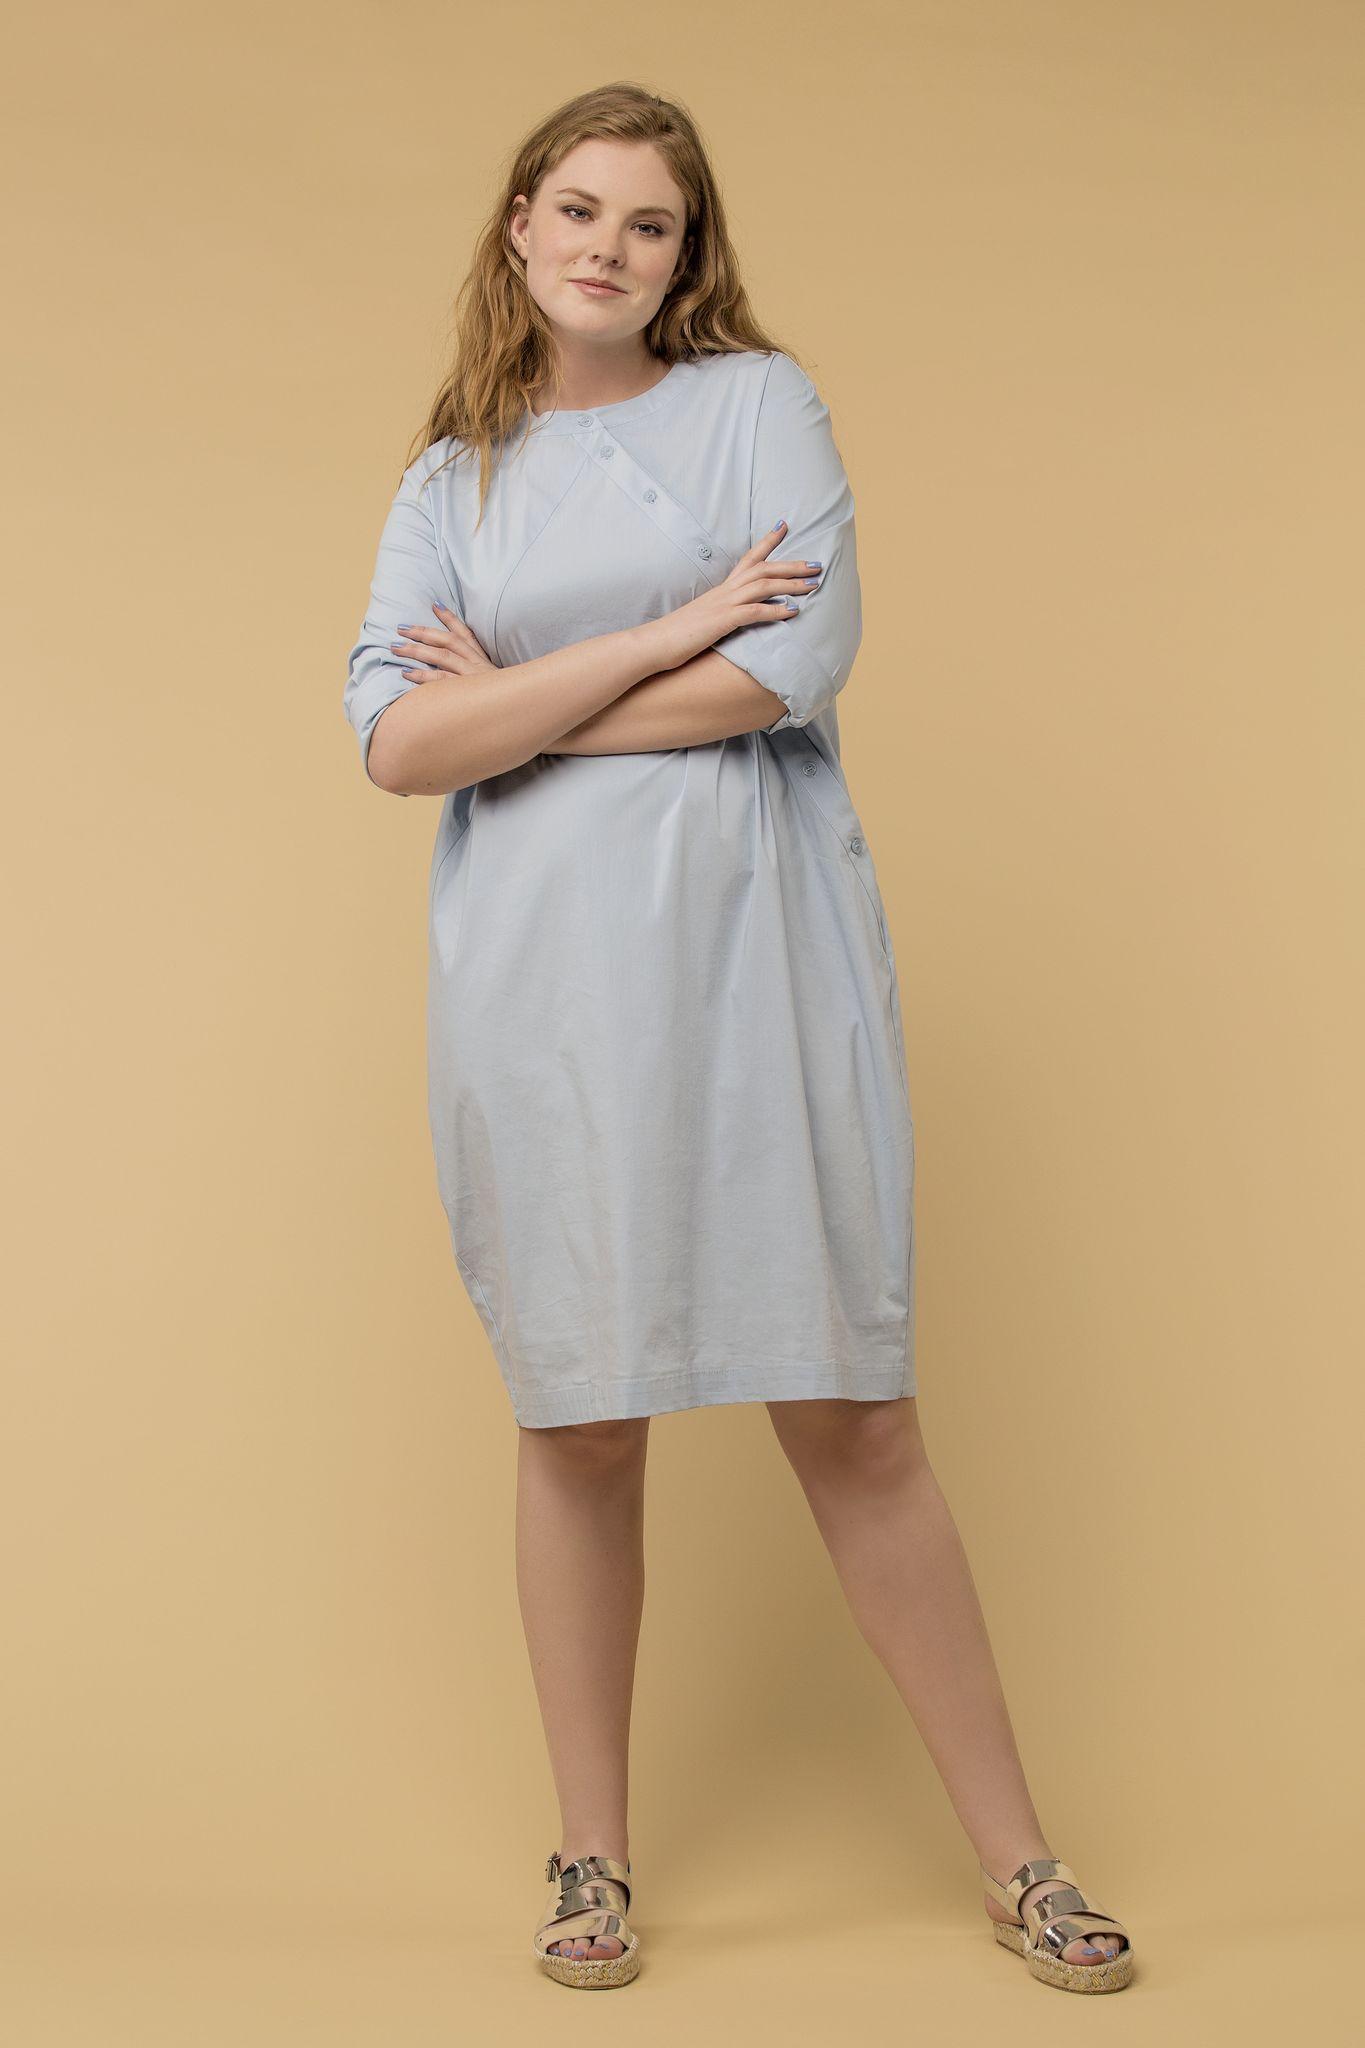 Платье LE-04 D04 41ЧЁРНАЯ ПЯТНИЦА<br>Платье-рубашка из очень нежного струящегося хлопка с косой планкой в бледно голубом цвете. Ткань настолько тактильна приятна, что в этом платье можно спать и пеленать младенцев. Кеды или босоножки на пробковой платформе - решать вам.<br>